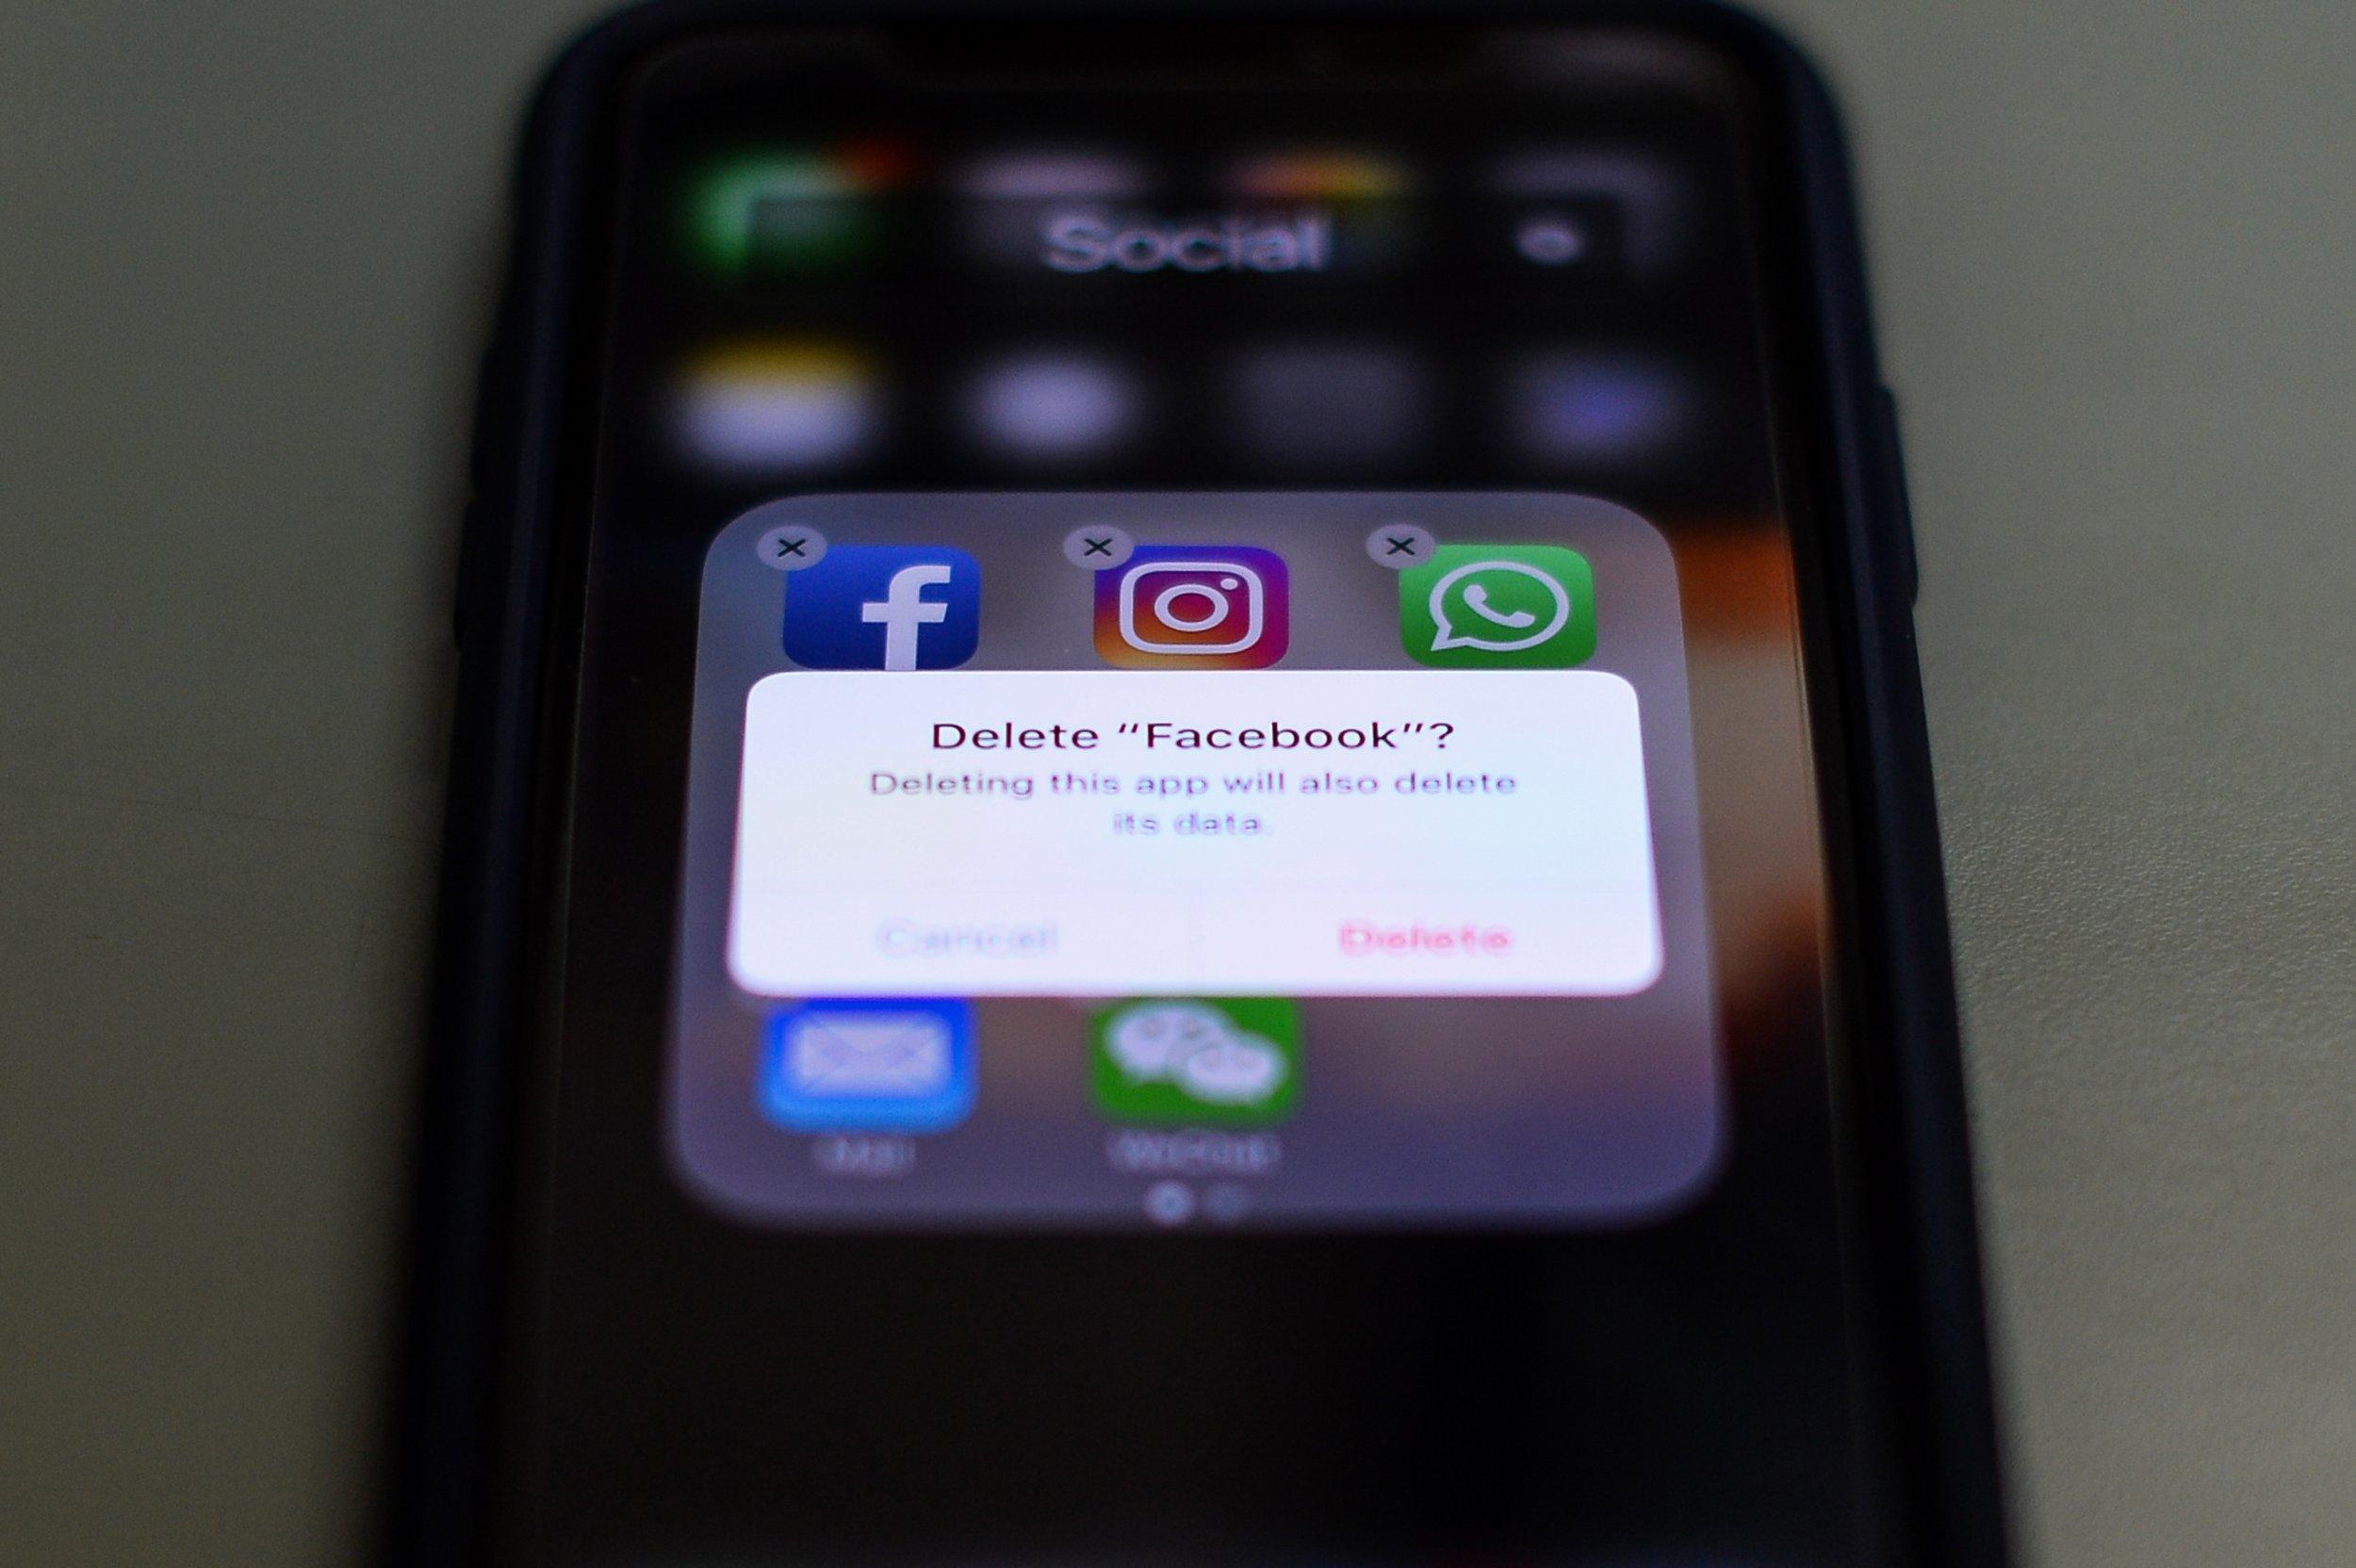 delete facebook app?